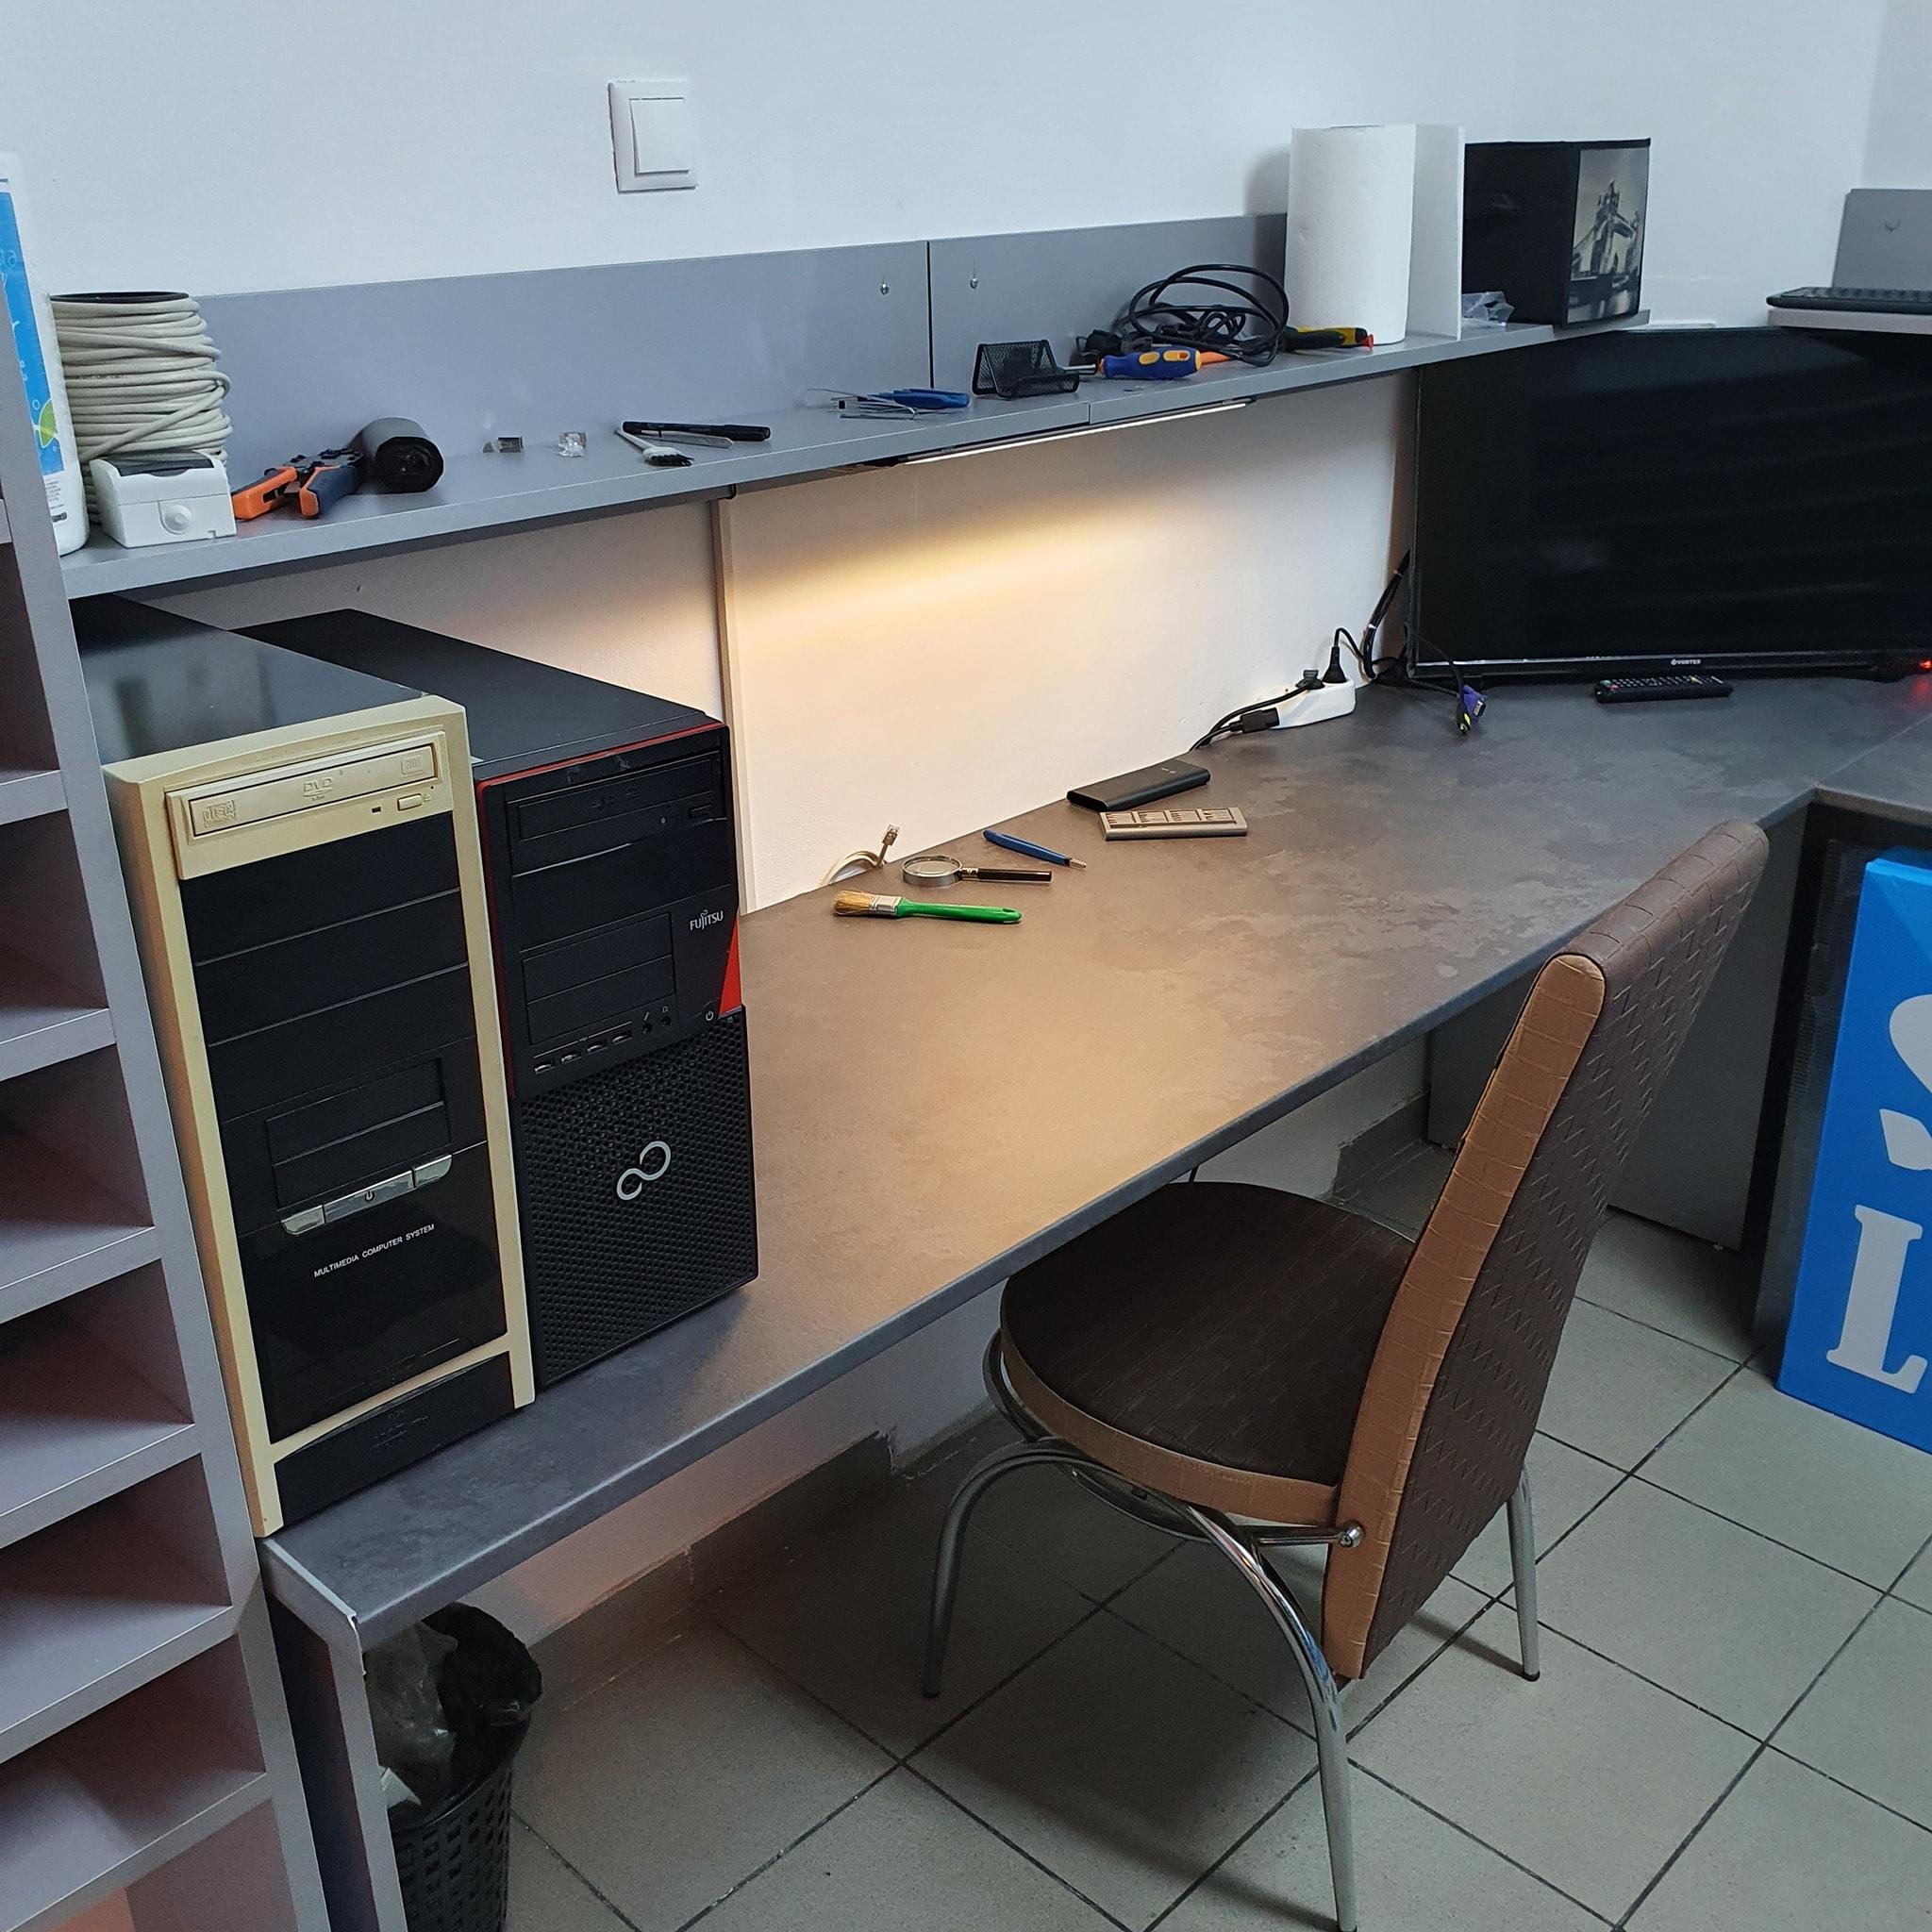 Service laptop & reparatii calculatoare Sector 6. Service Apple, Dell, HP, Lenovo, Asus, Acer, Toshiba. Instalare Windows. DIAGNOSTICARE GRATUITA!